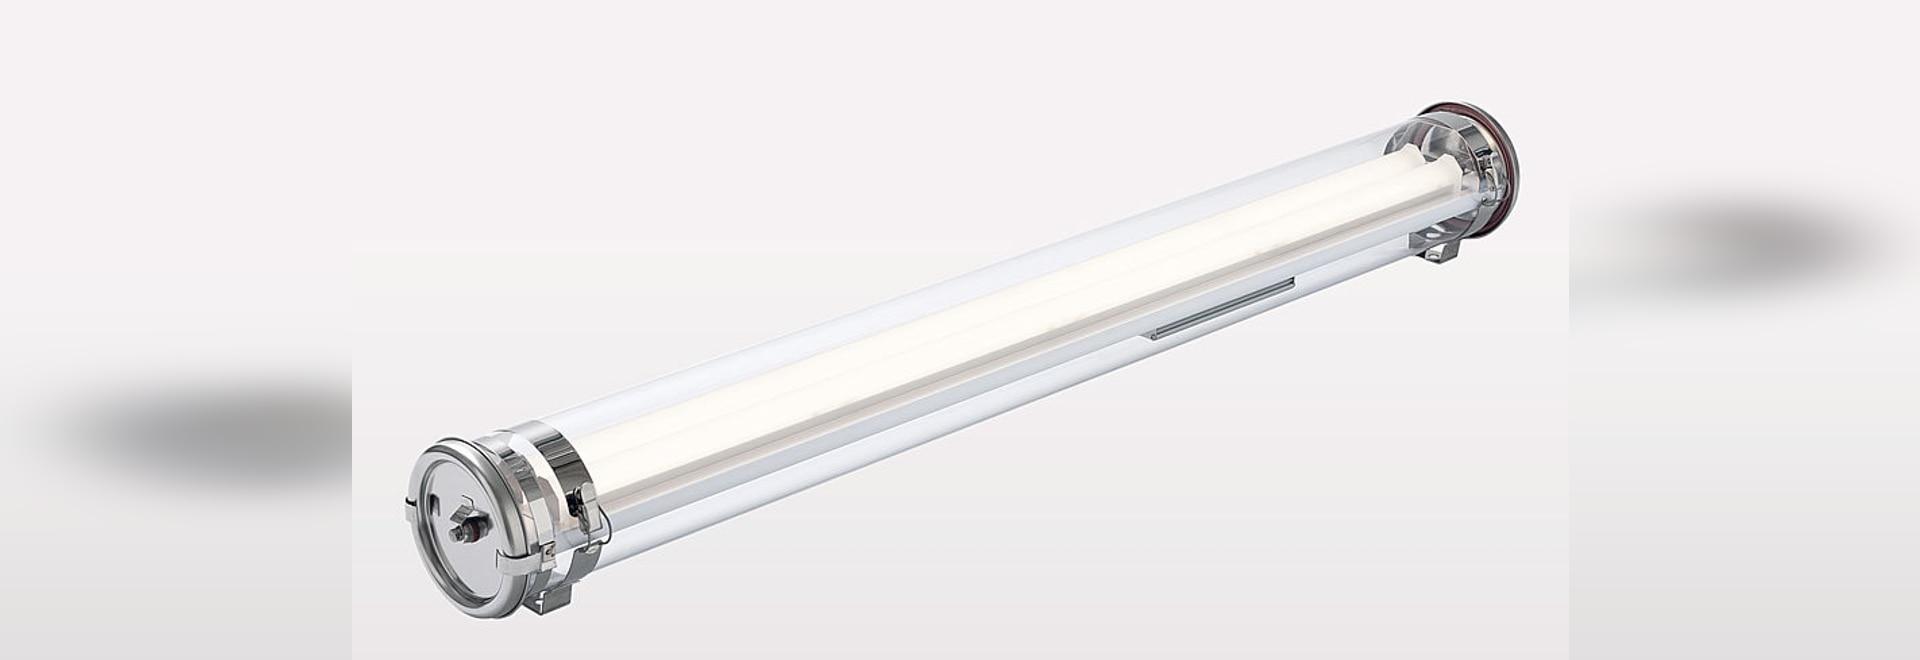 HUTTON 133, la soluzione di illuminazione per ATEX suddivide in zone 2, 21 e 22 giù -40 a ° C